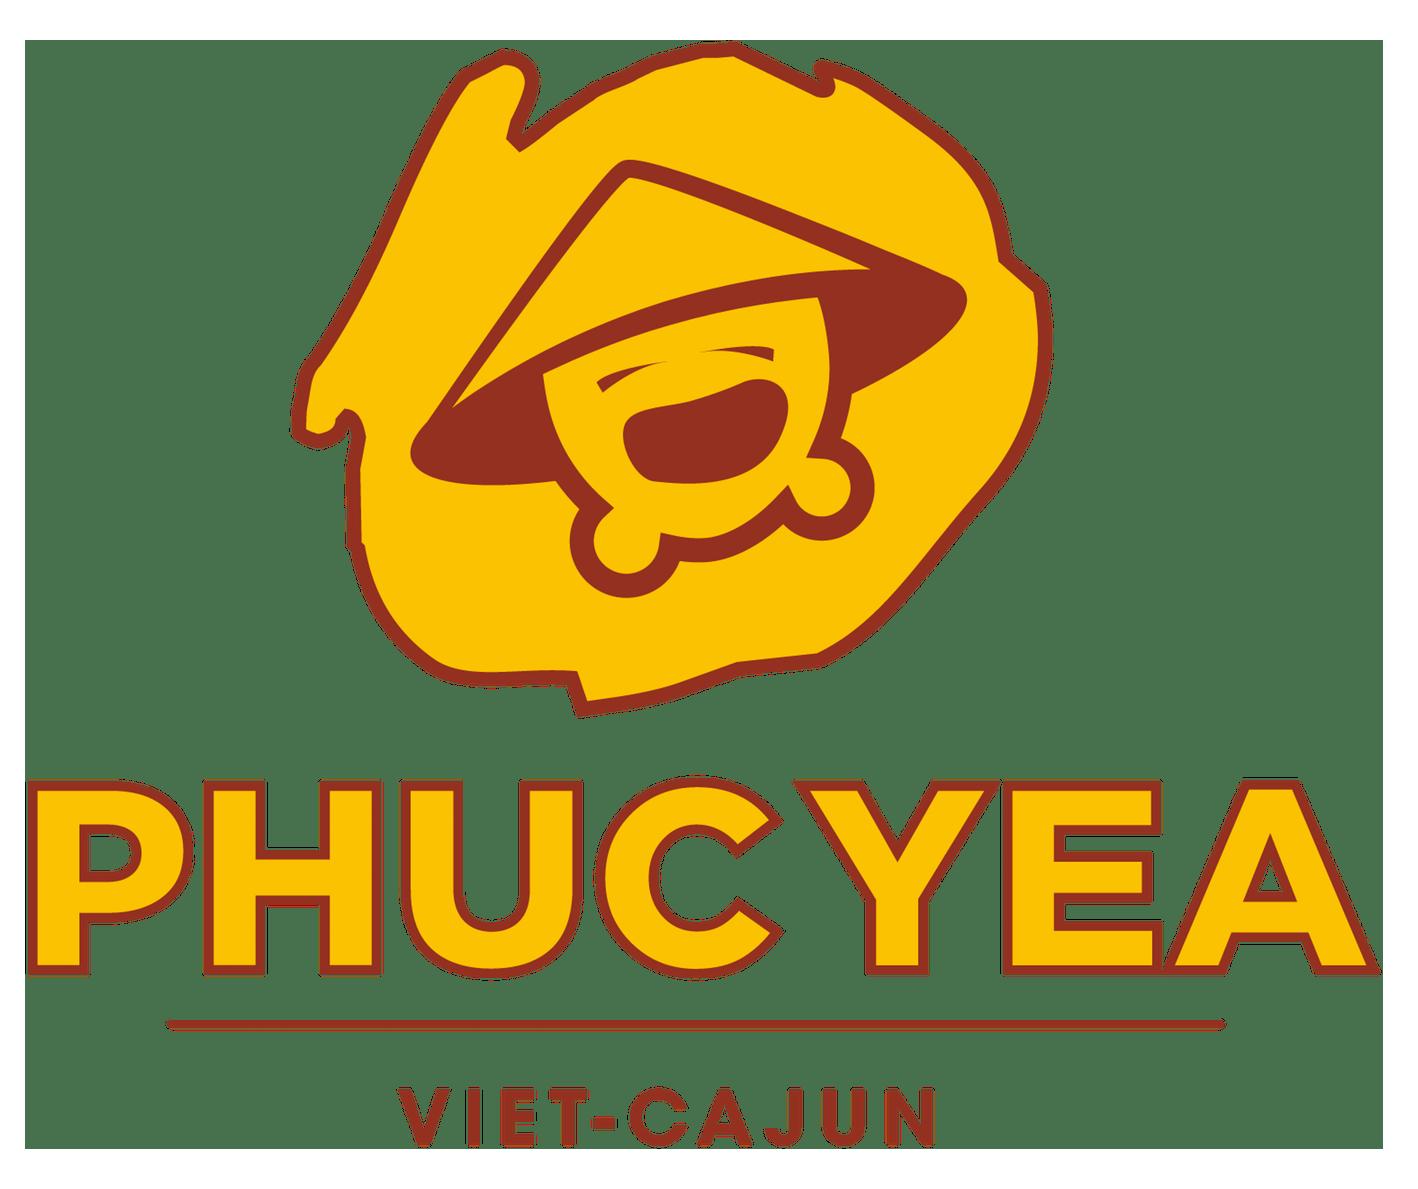 Phuc Yea logo